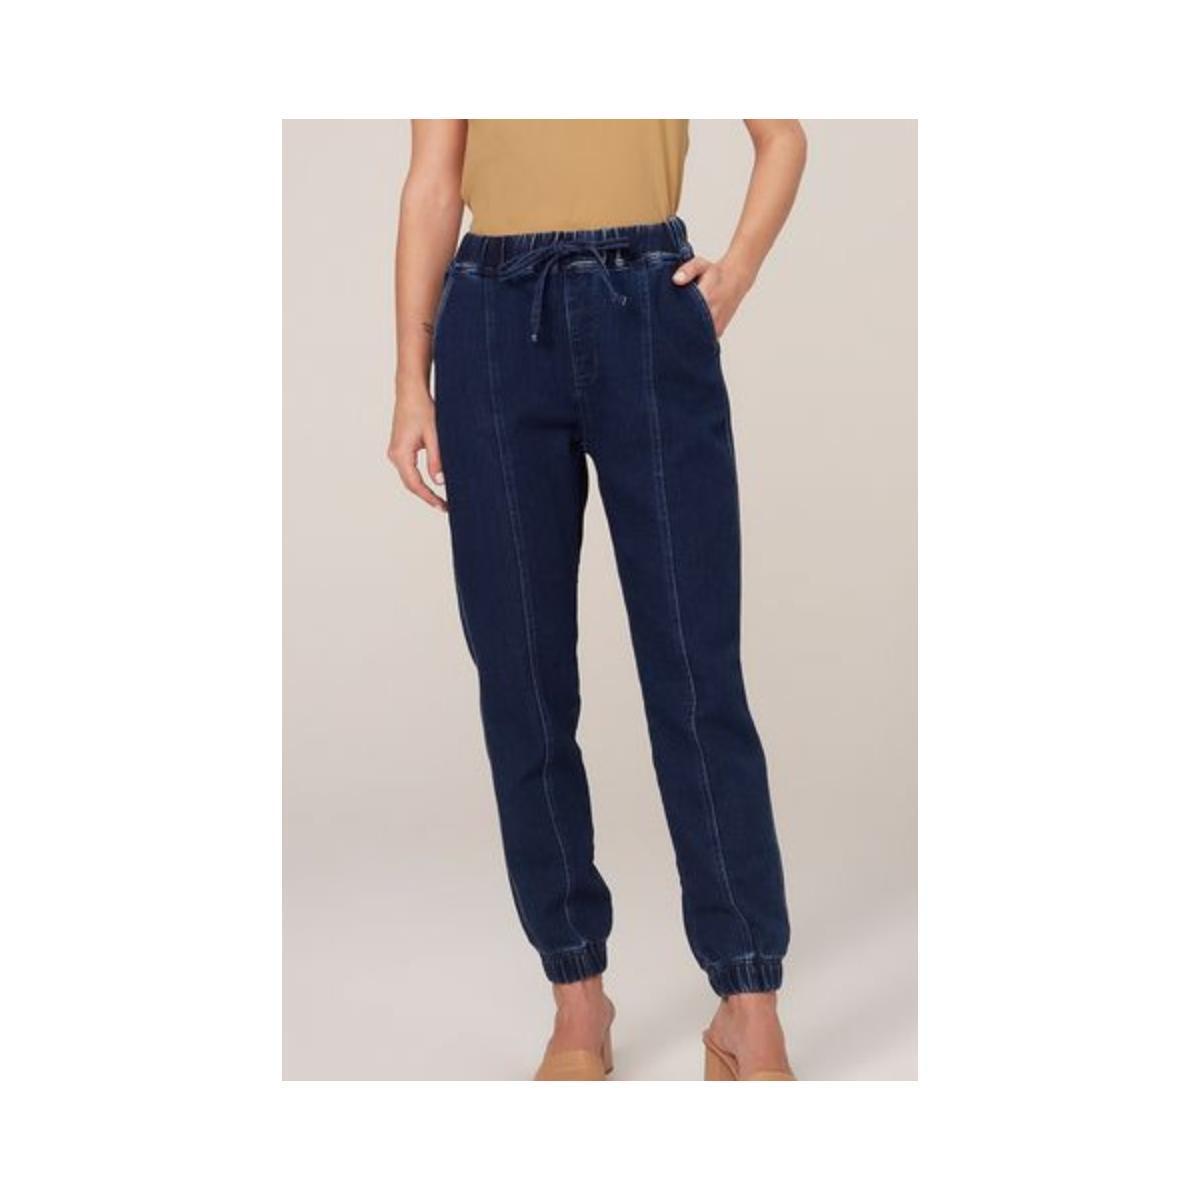 Calça Feminina Dzarm Zu5p 1asn  Jeans Escuro